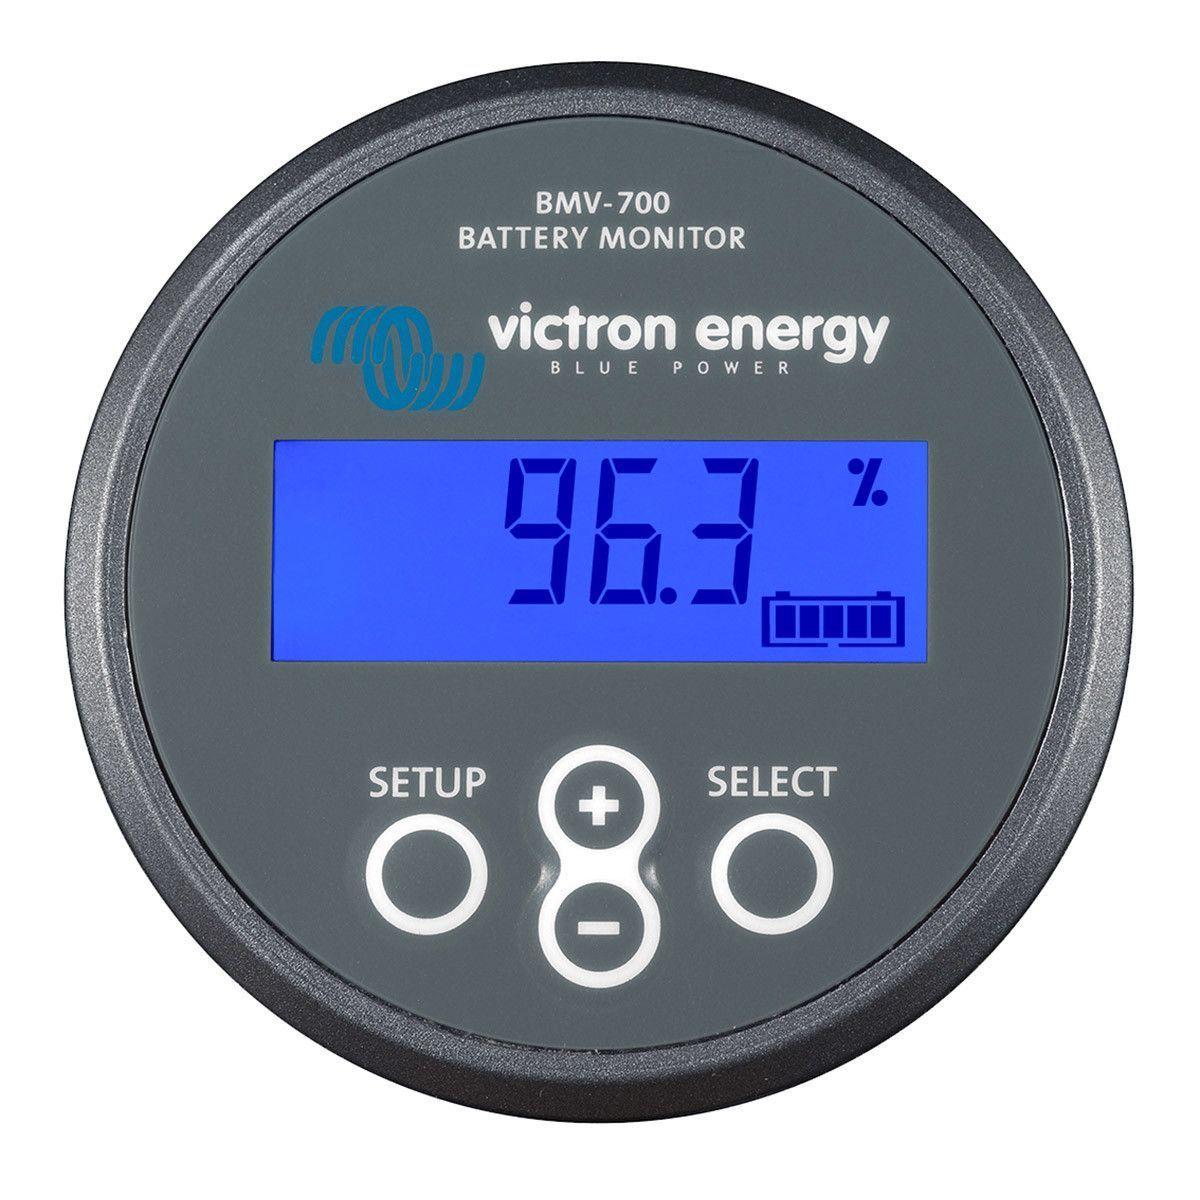 contrôleur de batteries bmv victron